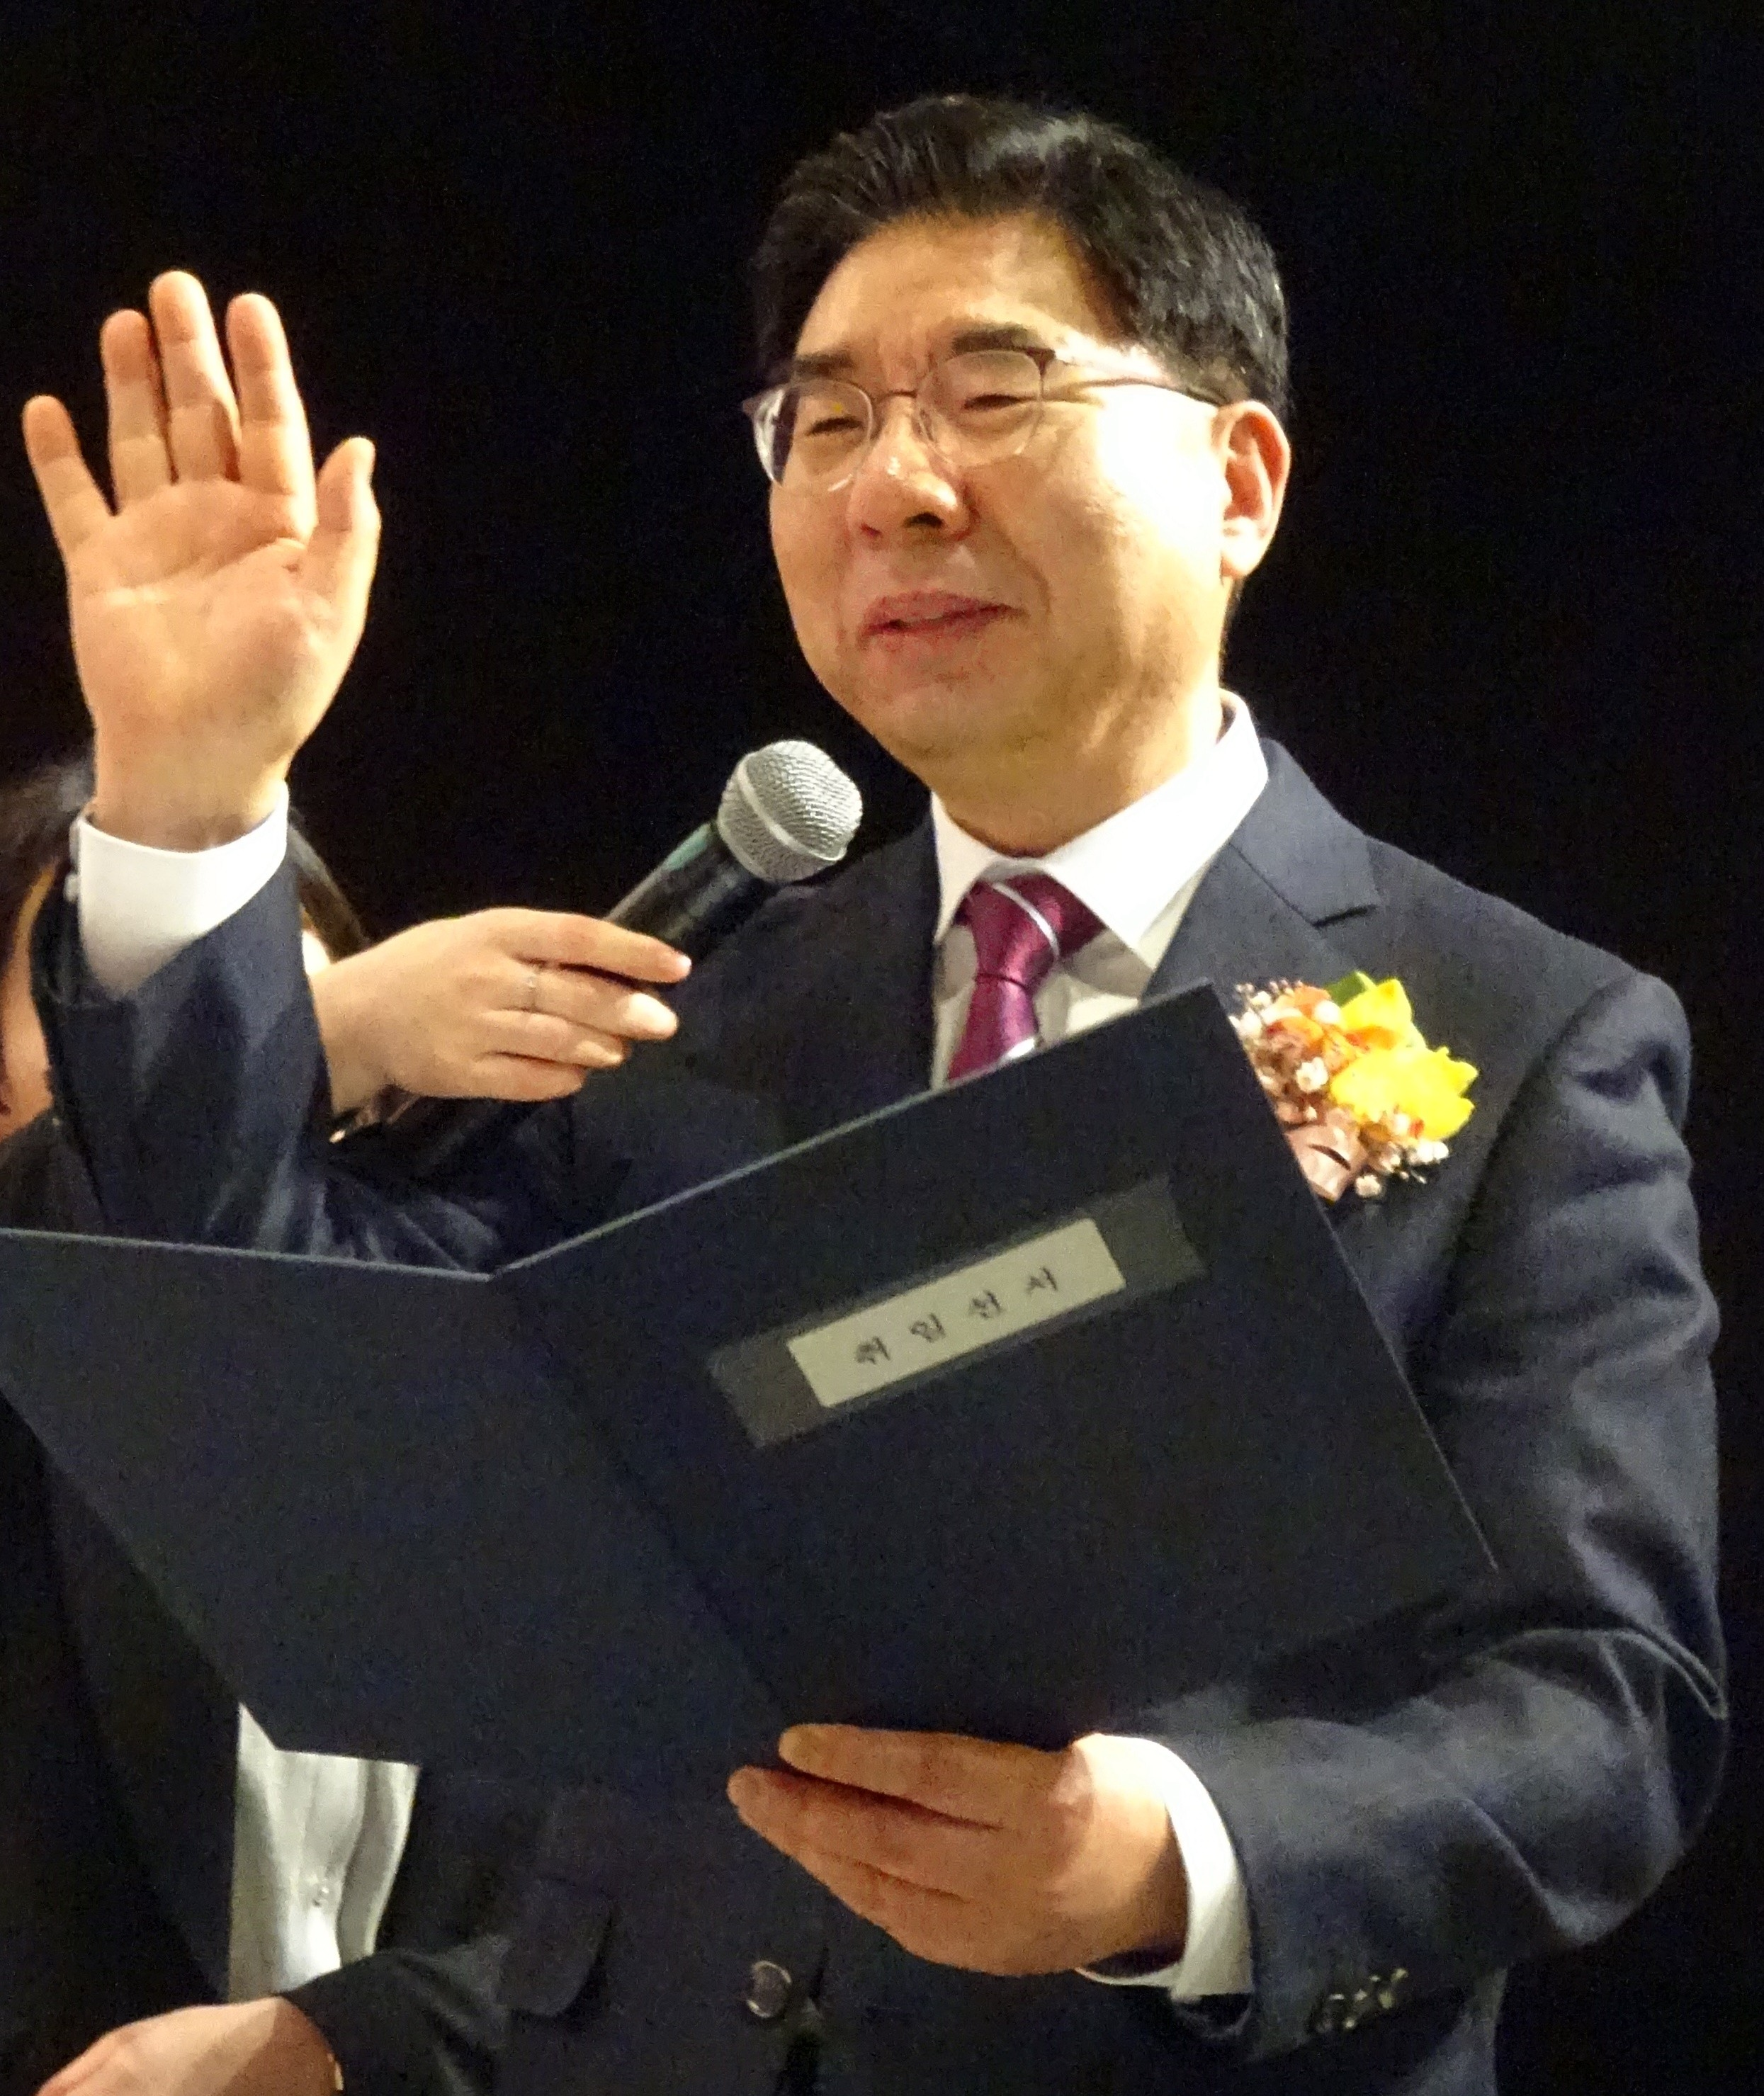 취임선서를 하는 박영달 경기도약사회장